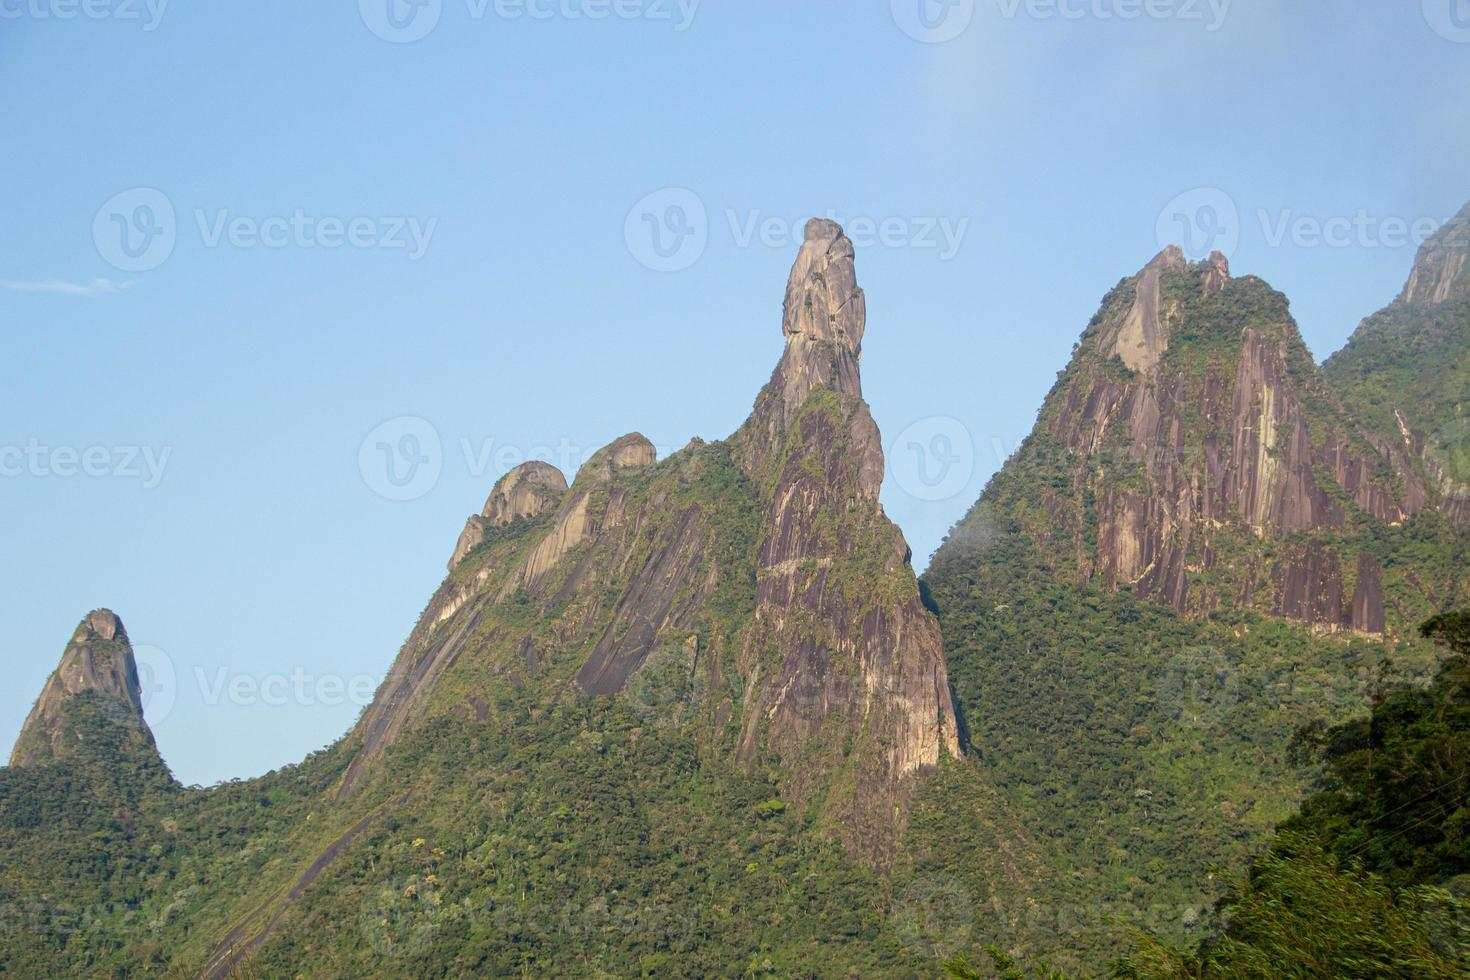 serra de teresópolis, dedo de nossa senhora, dedo de deus e cabeça de peixe, rio de janeiro, brasil foto